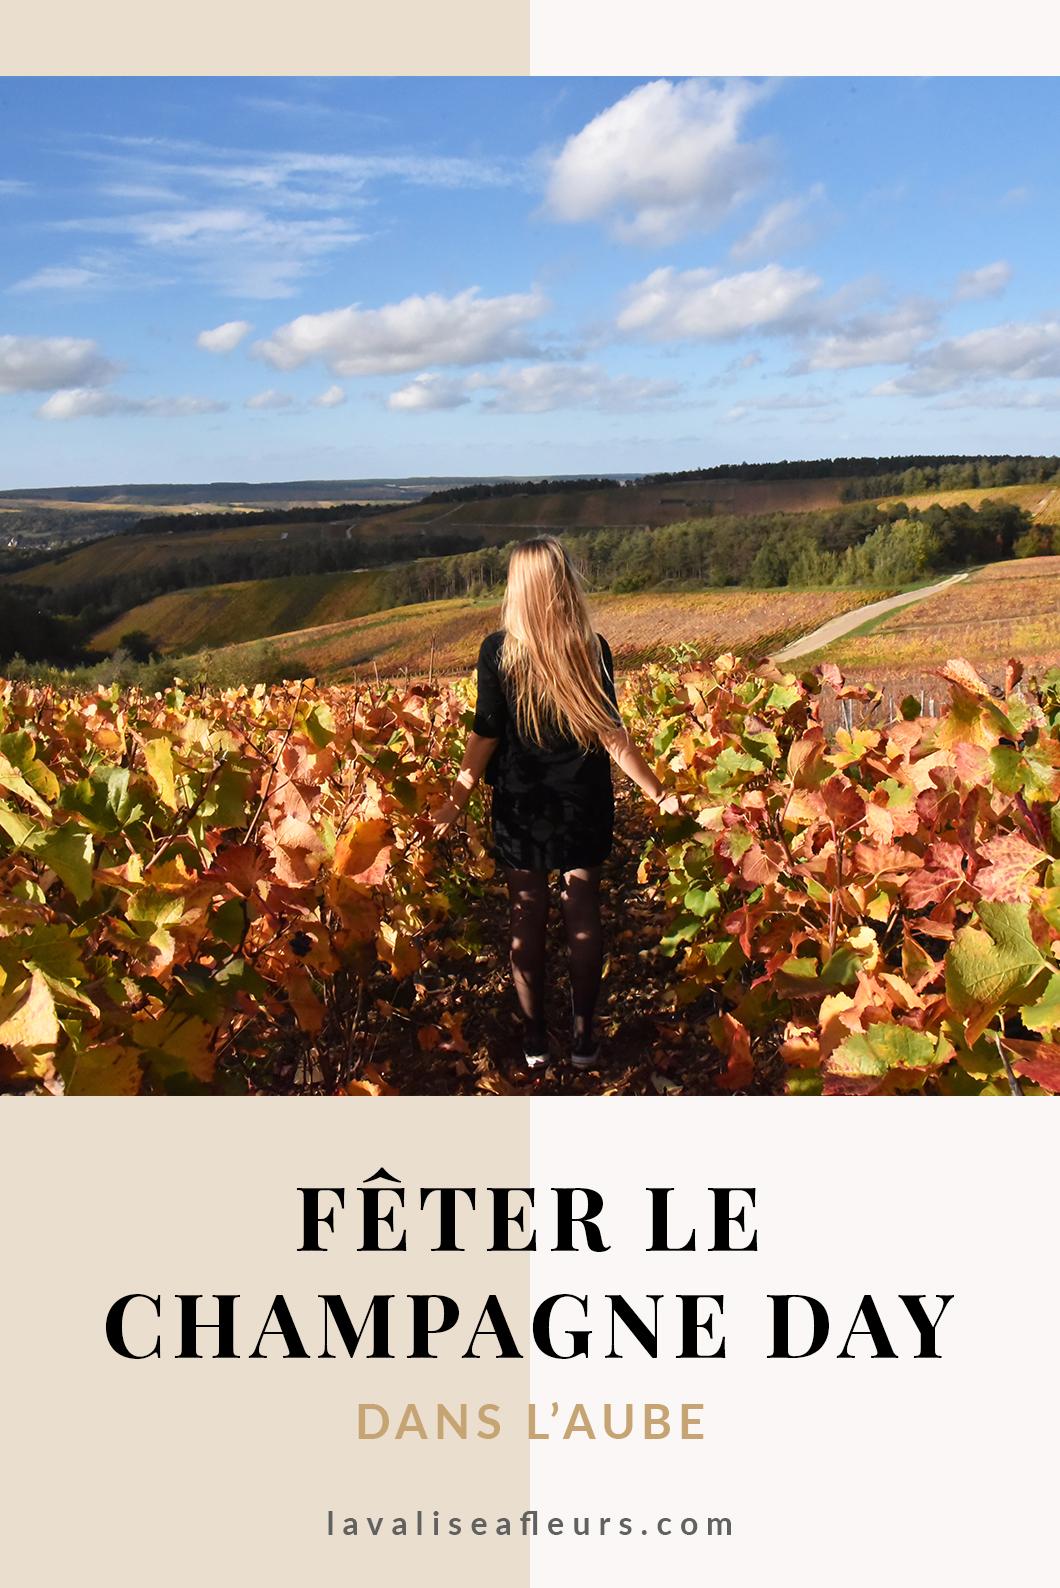 Fêter le champagne day dans l'Aube